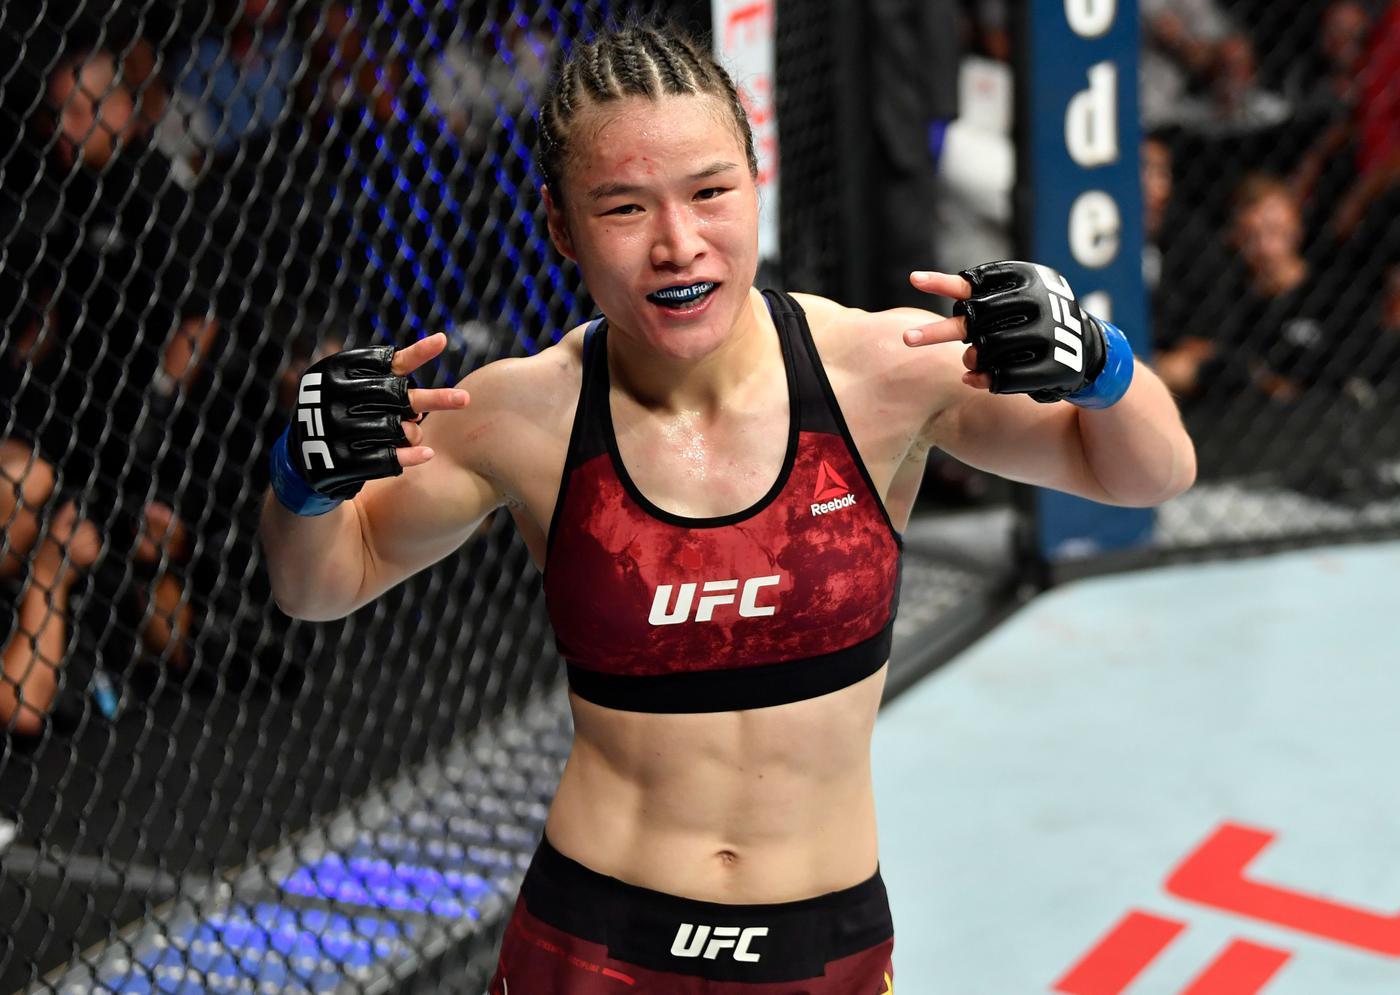 Чемпионка UFC из Китая решила продолжить подготовку к бою в США из-за коронавируса - фото